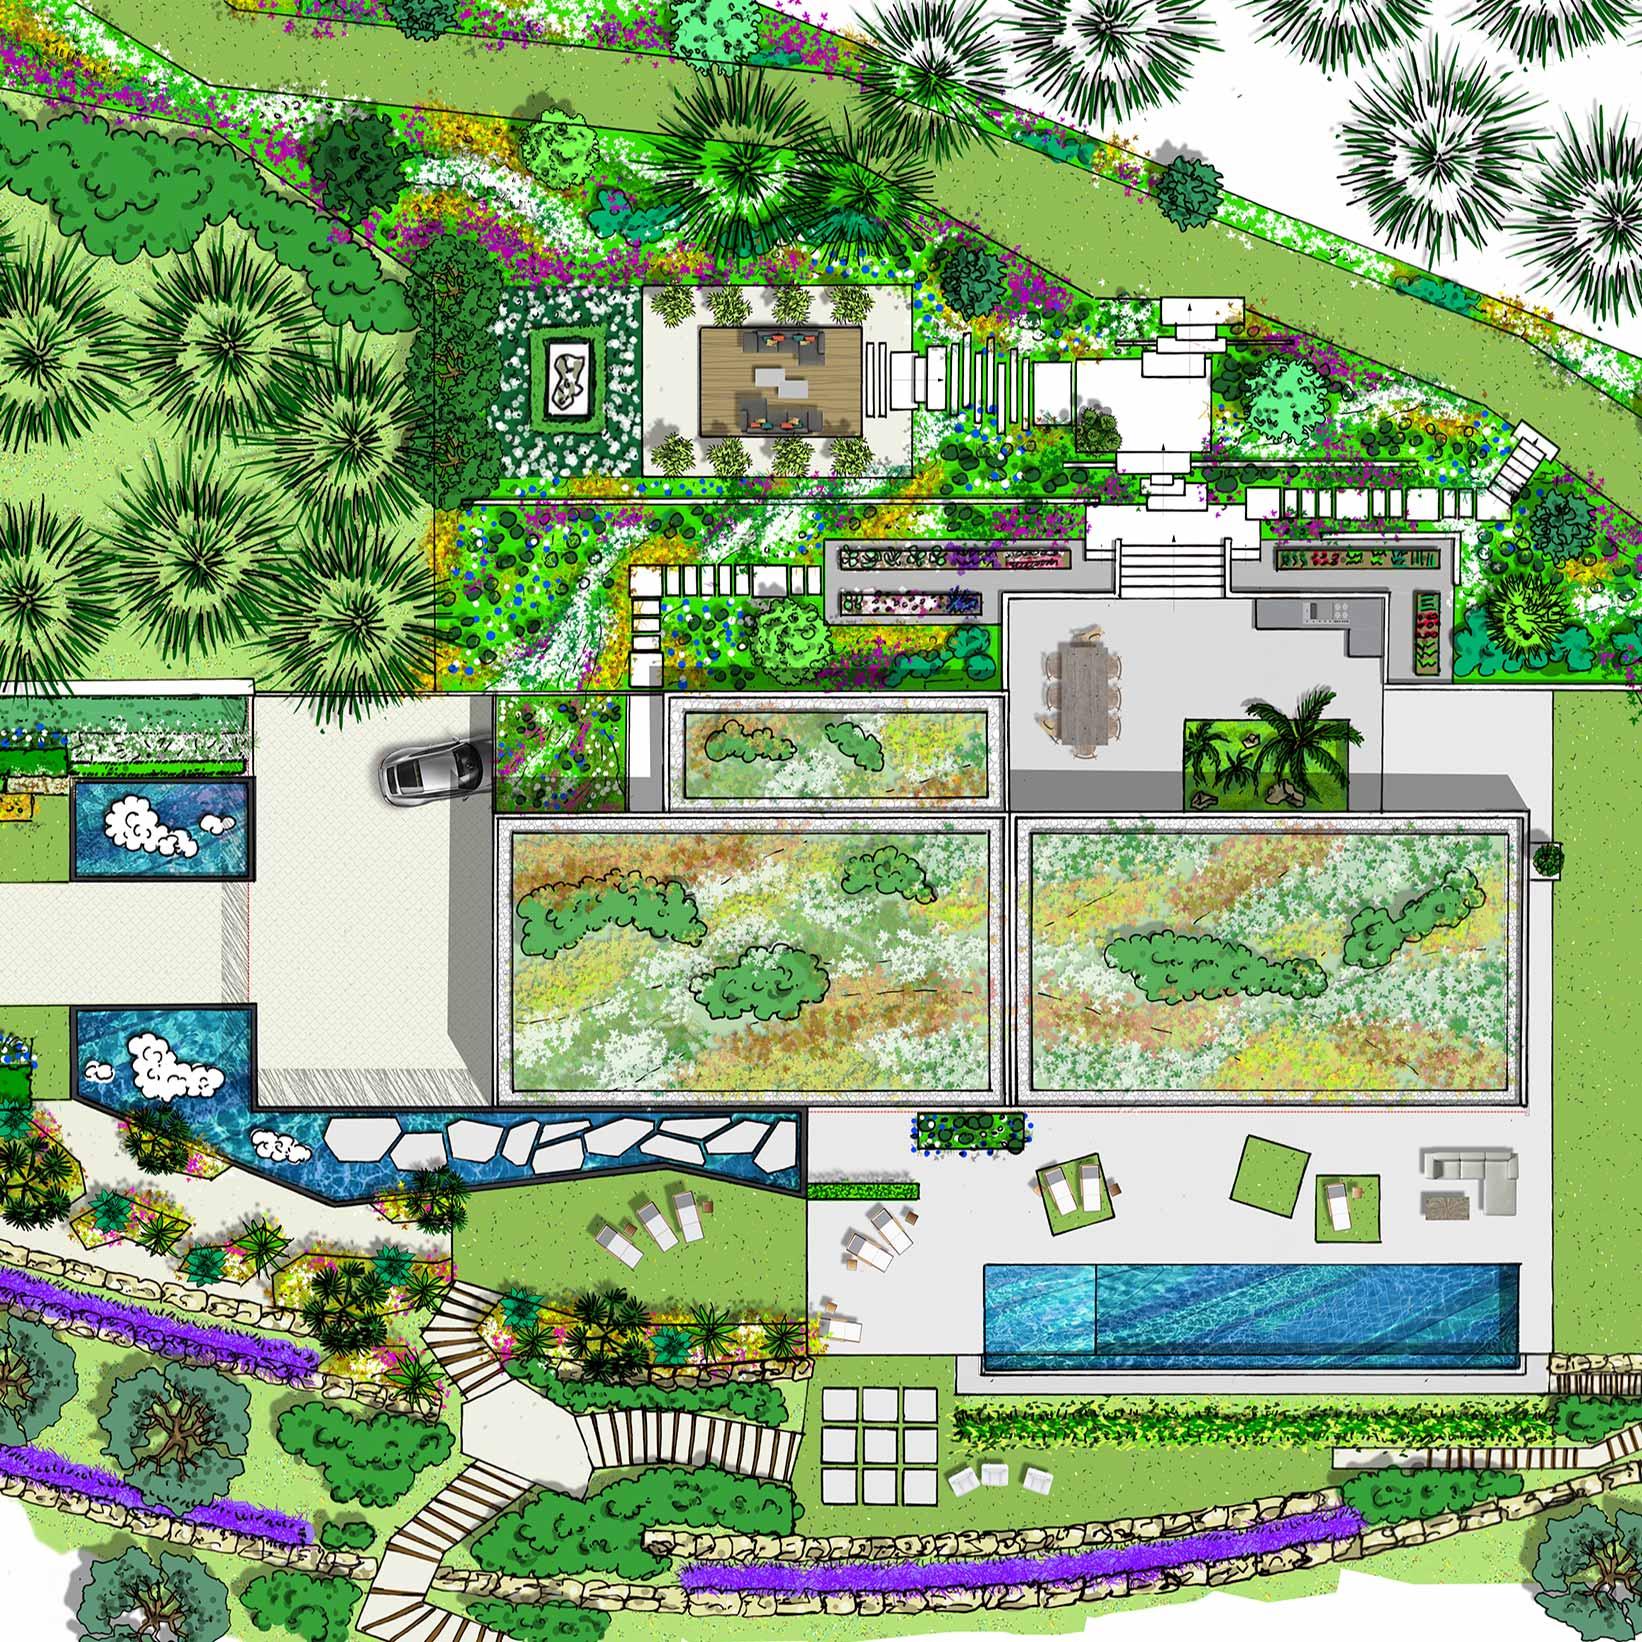 Atelier Naudier - Architecte paysagiste concepteur - Montpellier & Aix-en-Provence - Plan 2 - Projet Jardin -aménagement jardin